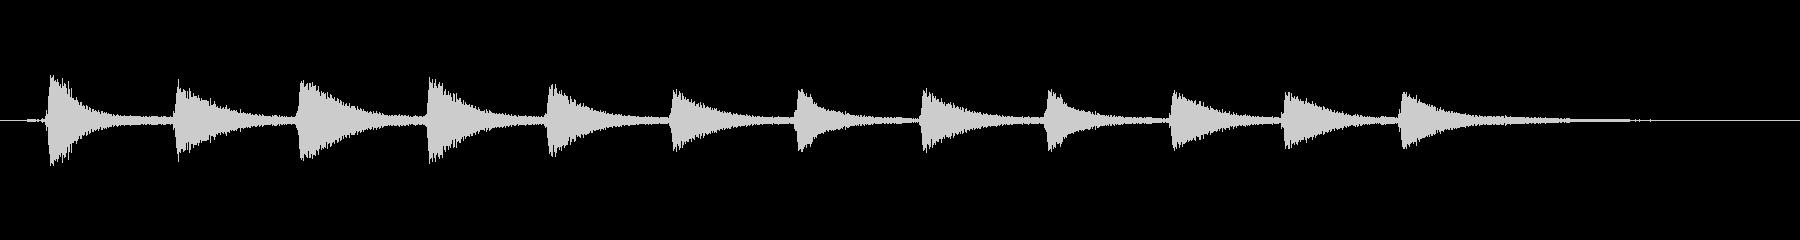 カッコウ時計2の未再生の波形